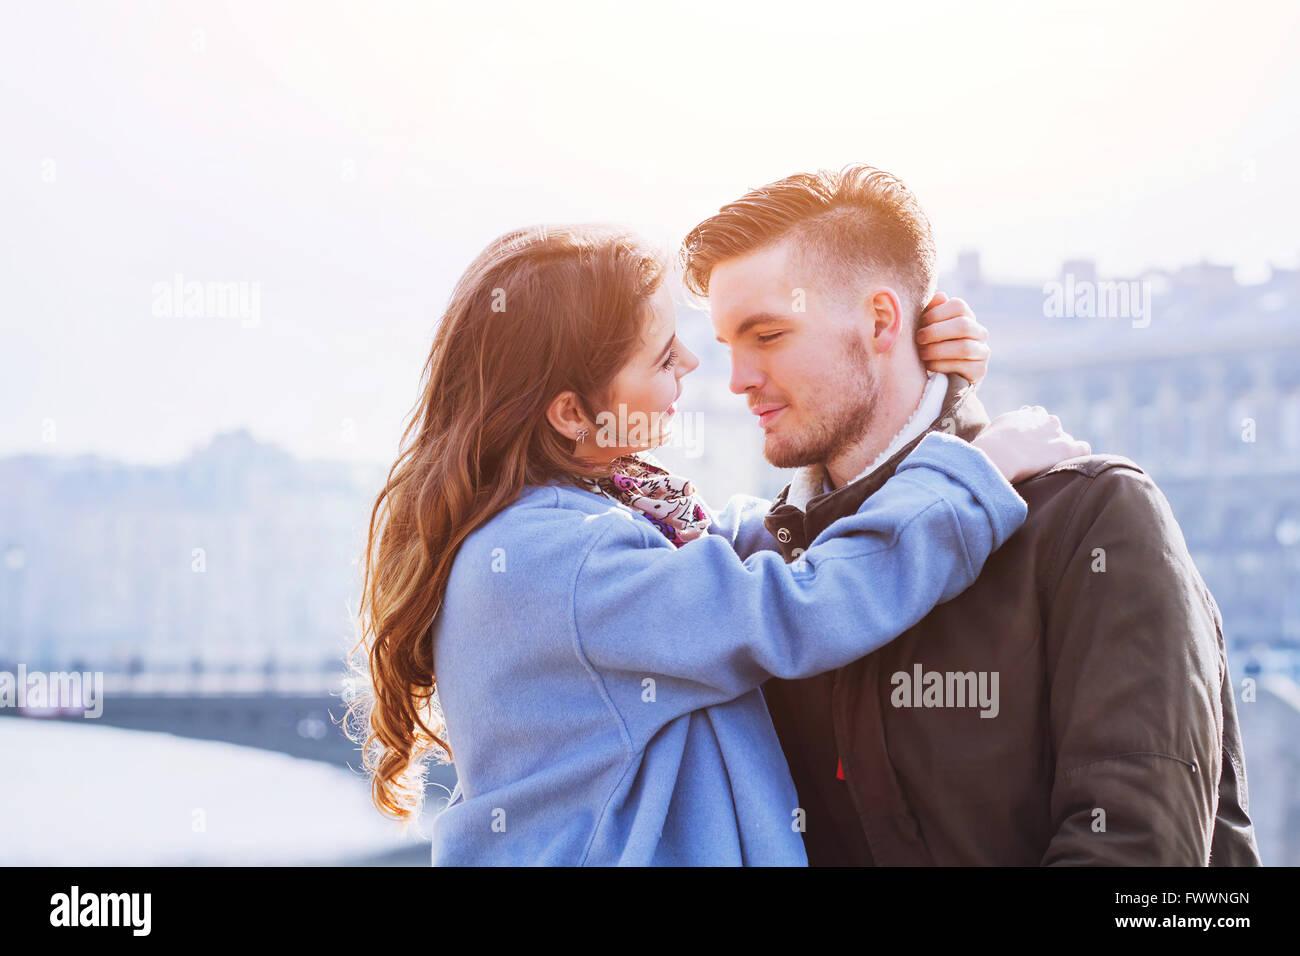 Afectuosa casal, retrato de jovens feliz o homem e a mulher, amor na cidade Imagens de Stock